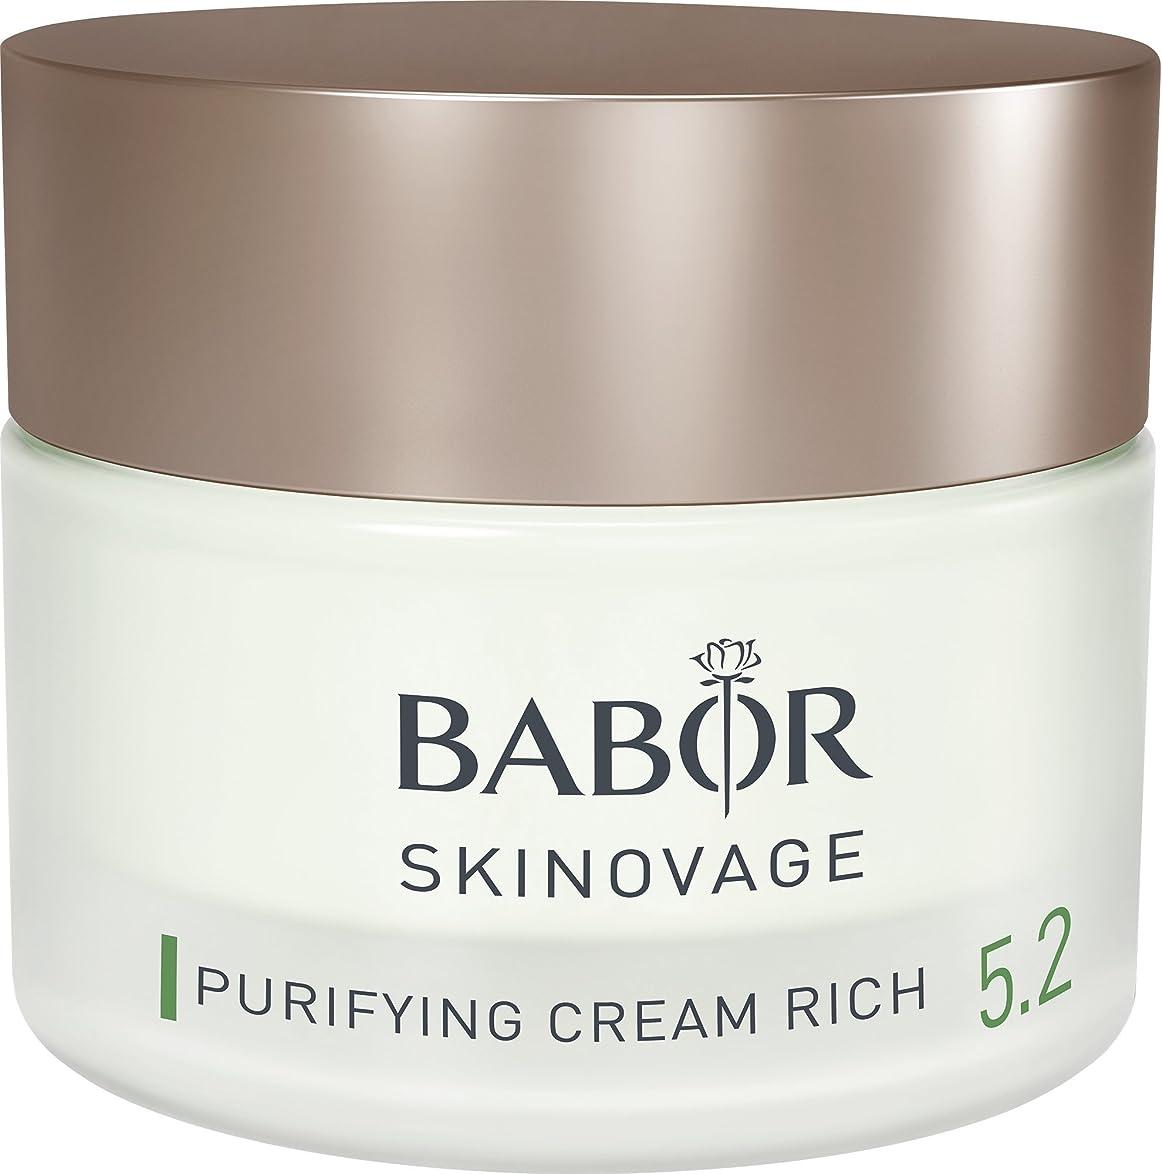 エレクトロニック登録する突き刺すバボール Skinovage [Age Preventing] Purifying Cream Rich 5.2 - For Problem & Oily Skin 50ml/1.7oz並行輸入品